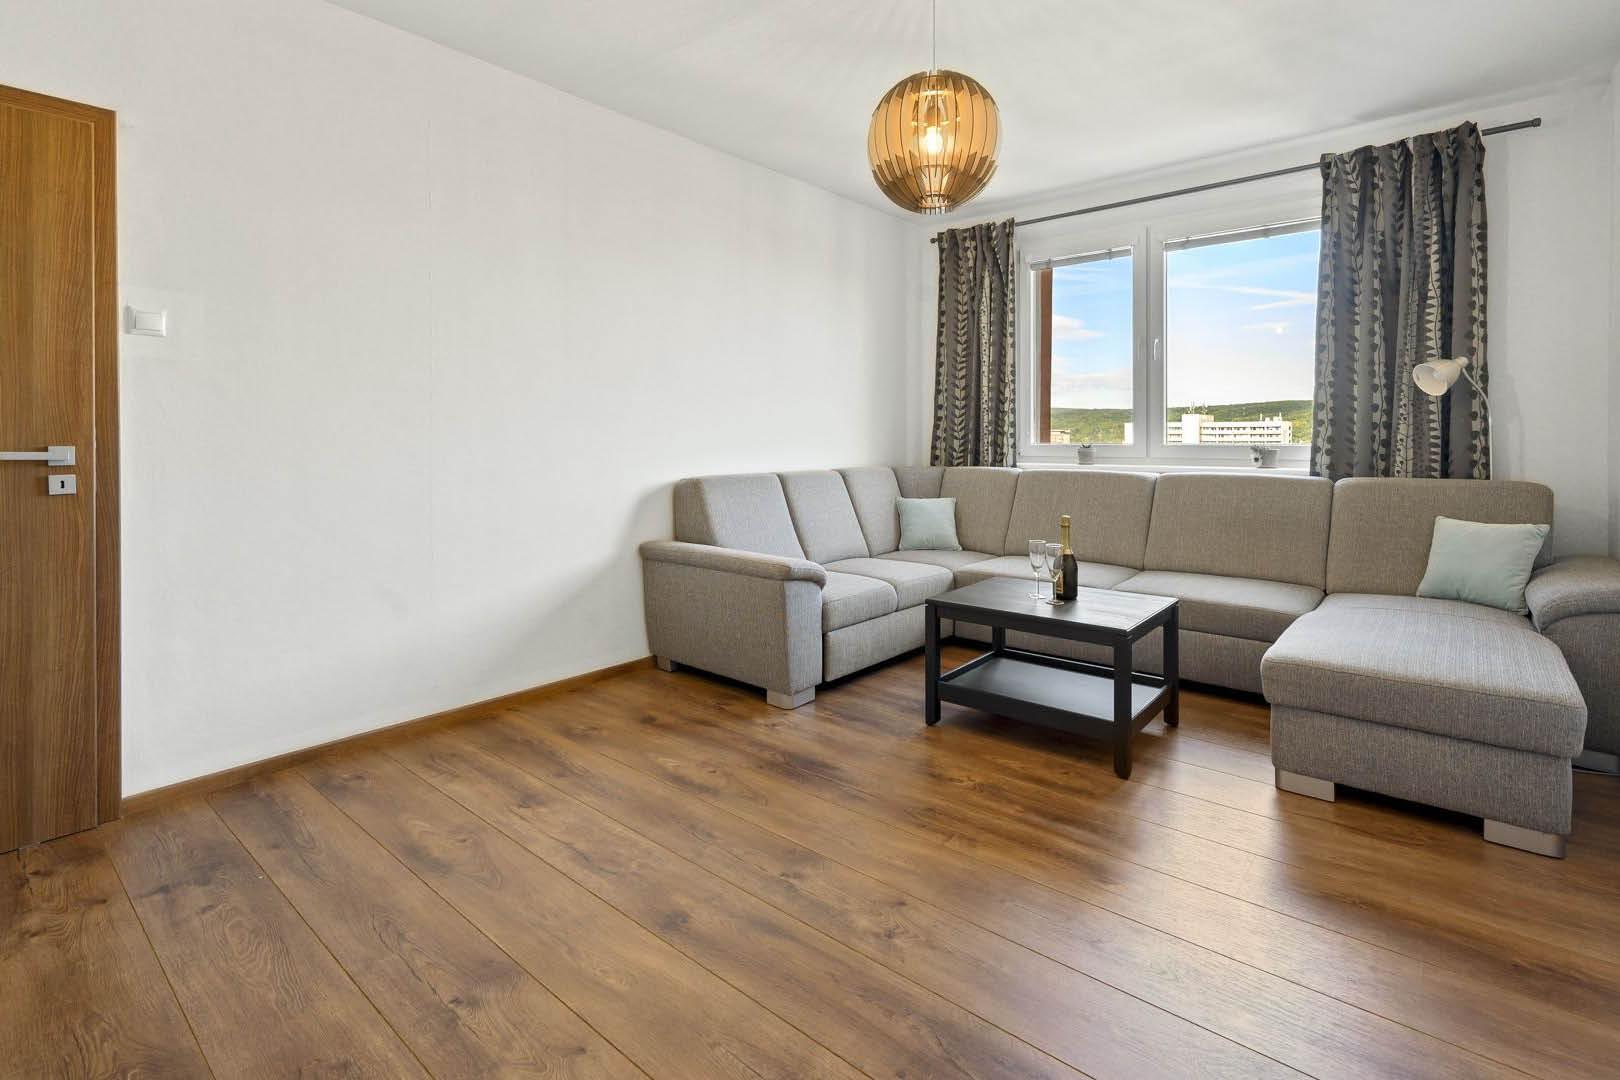 PREDANÉ | 2 izbový byt | Karola Adlera, Bratislava